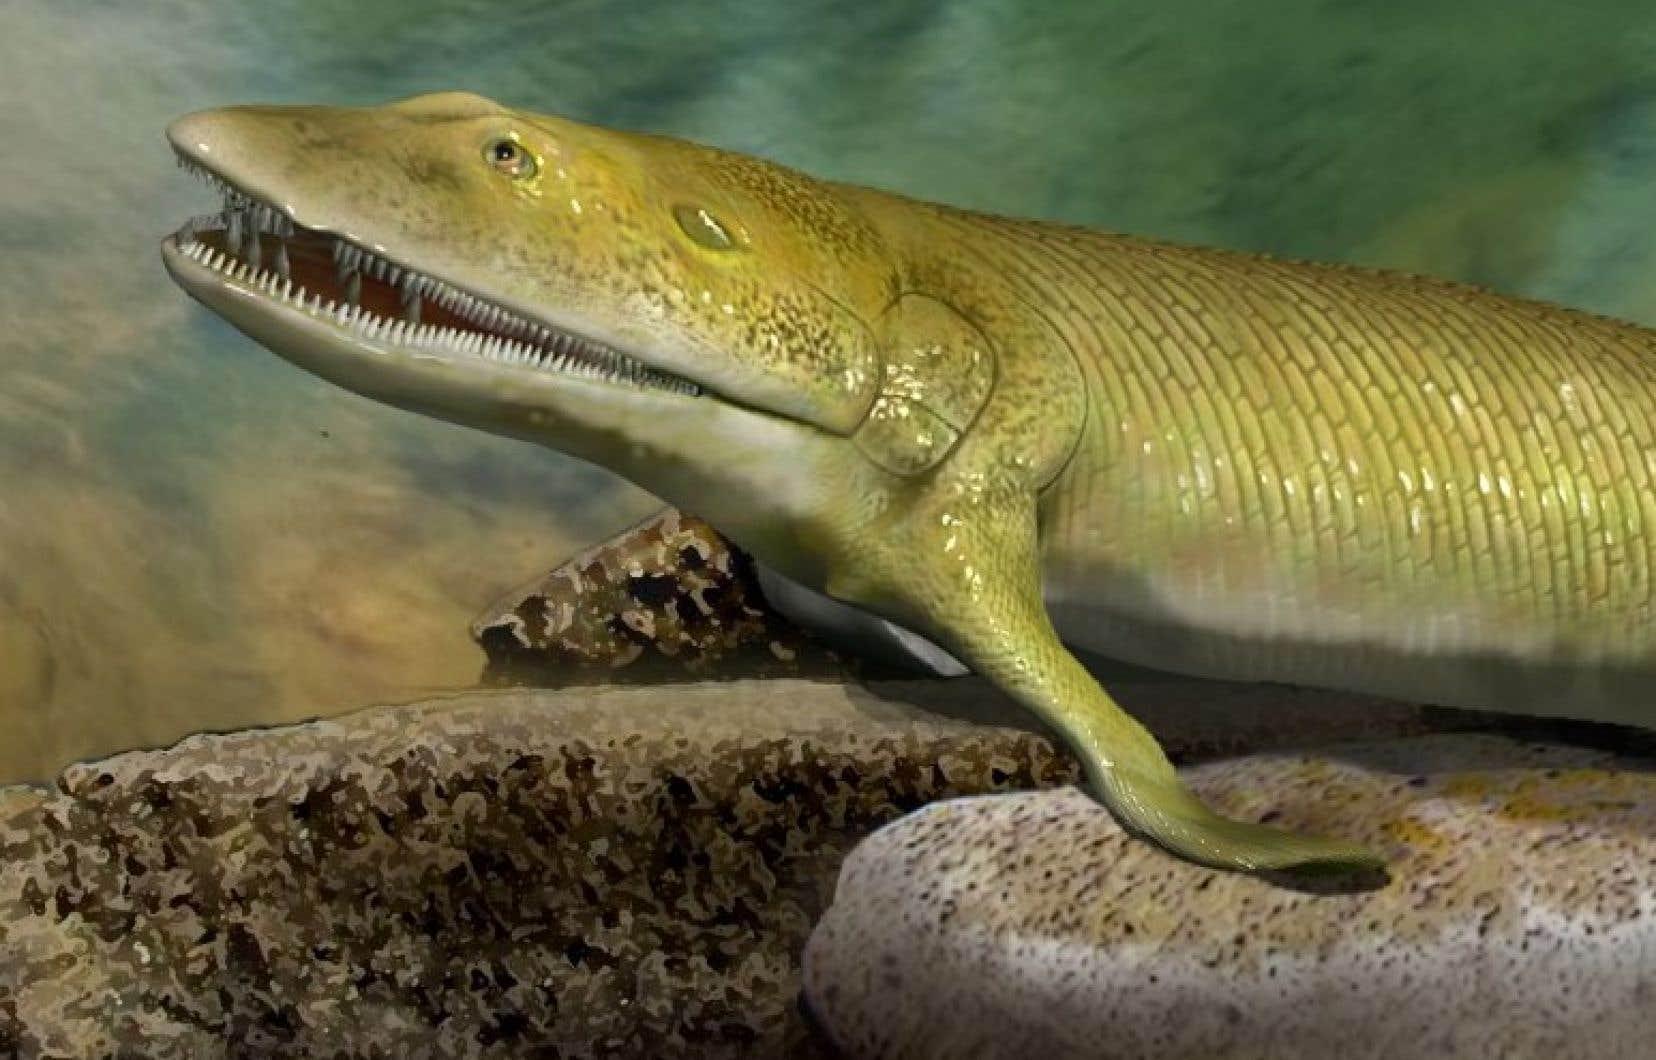 «Elpistostege watsoni» aurait foulé la terre ferme il y a 380 millions d'années.